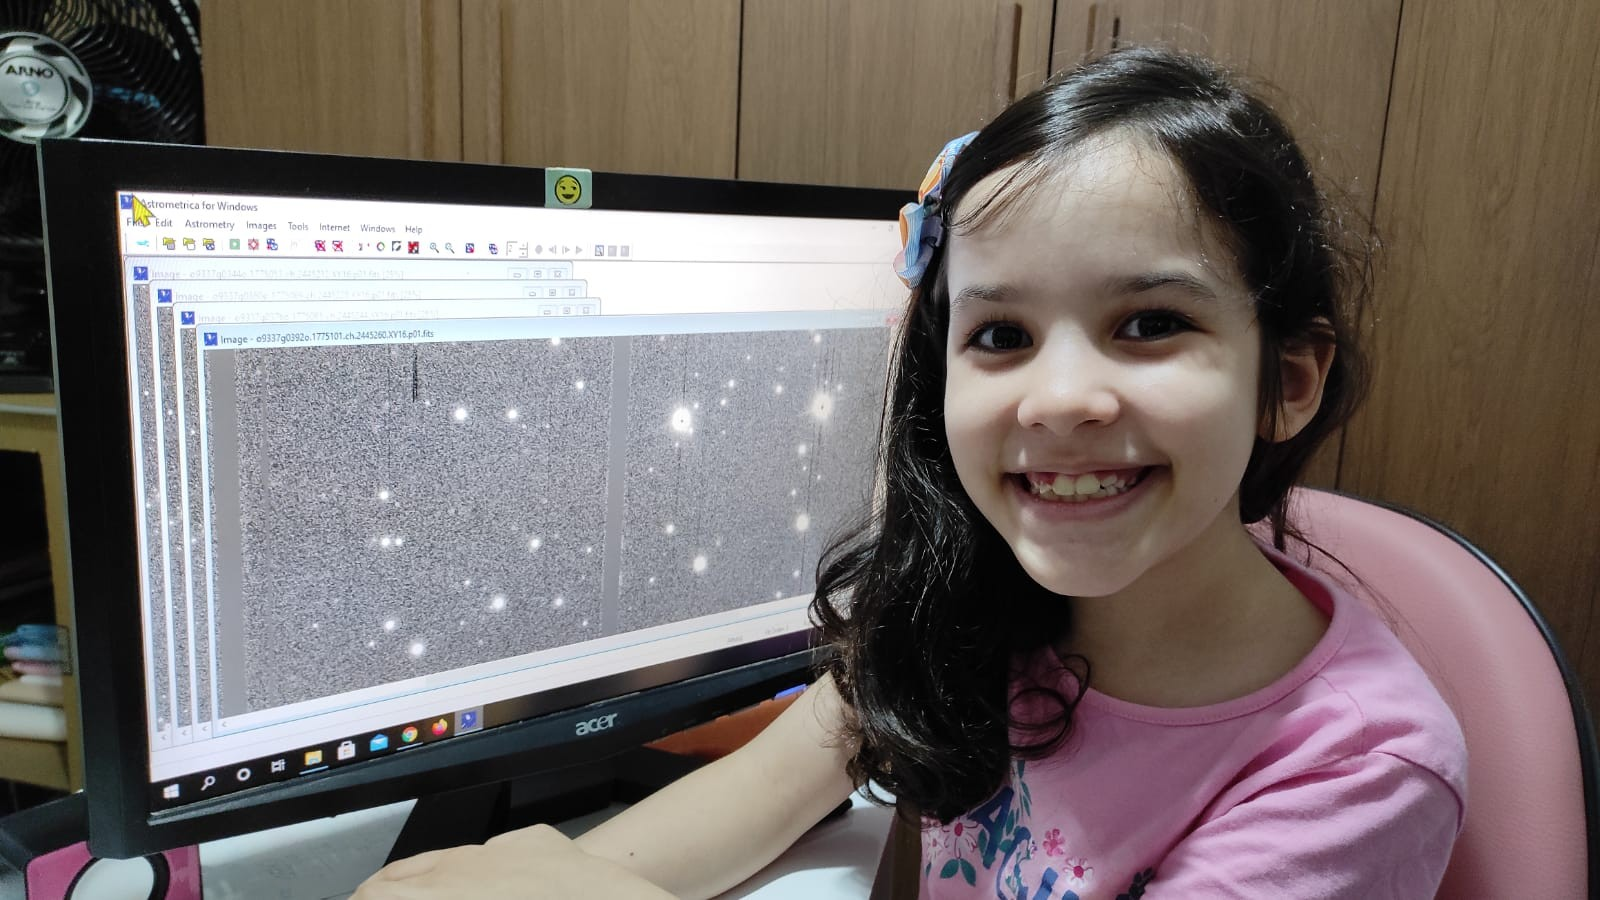 Conheça os estudantes brasileiros que conquistam prêmios e fazem descobertas desde muito novos